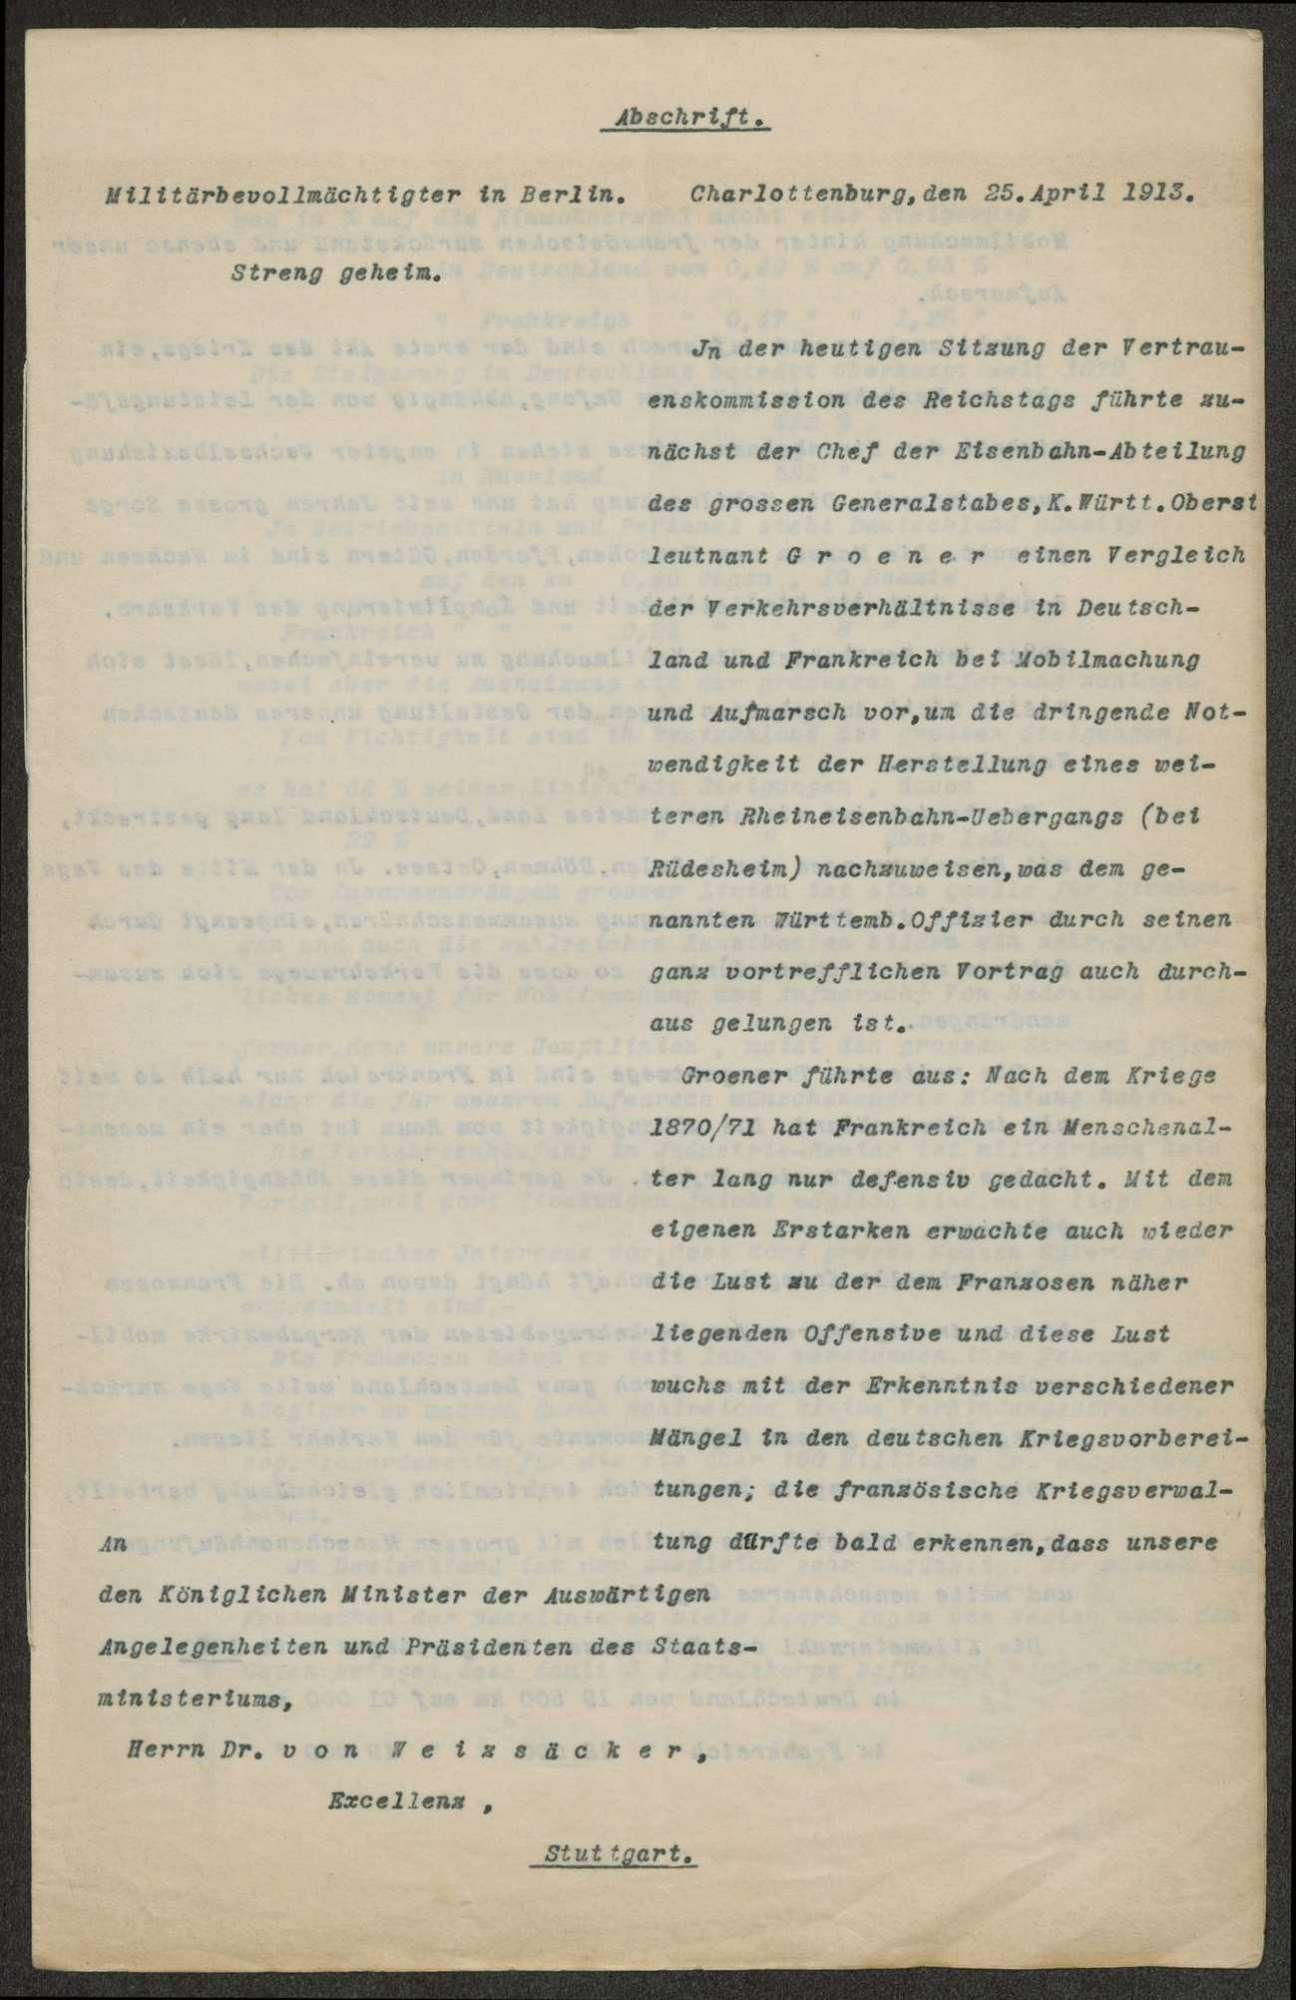 Berichte des württembergischen Militärbevollmächtigten in Berlin (v. Dorrer, v. Graevenitz) an Weizsäcker, Bild 2